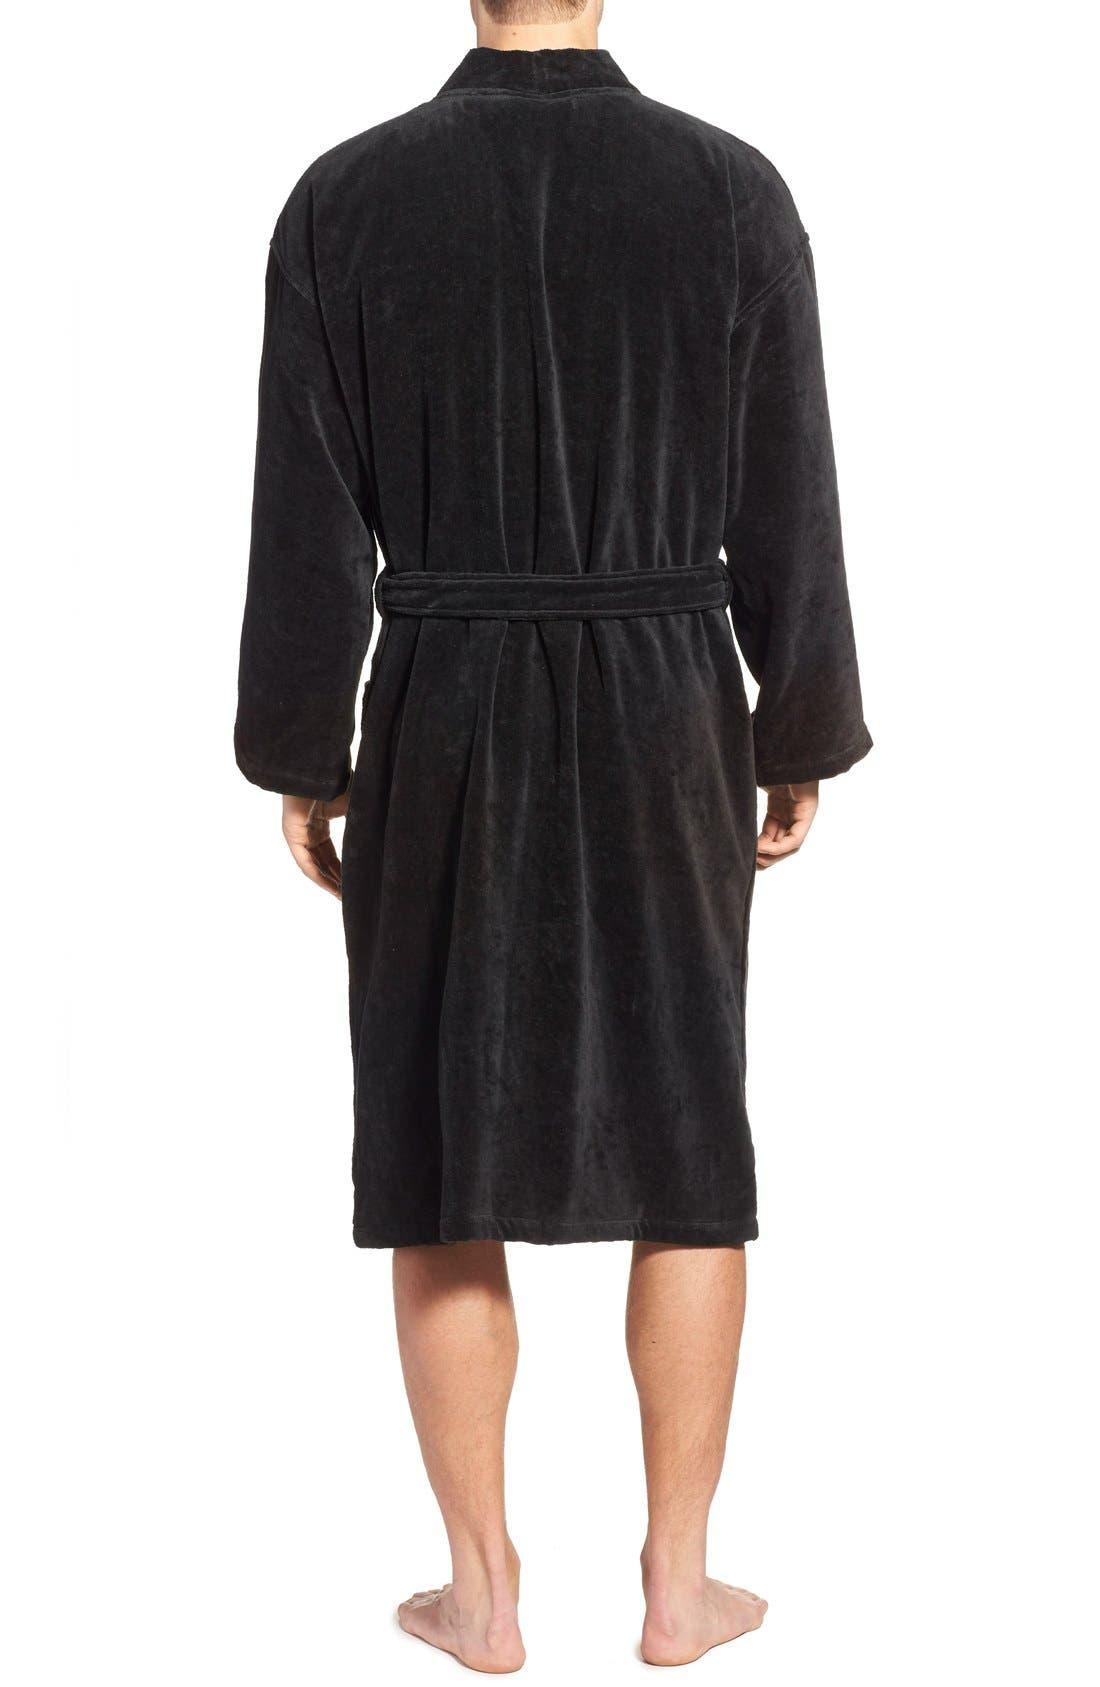 POLO RALPH LAUREN, Cotton Fleece Robe, Alternate thumbnail 4, color, POLO BLACK